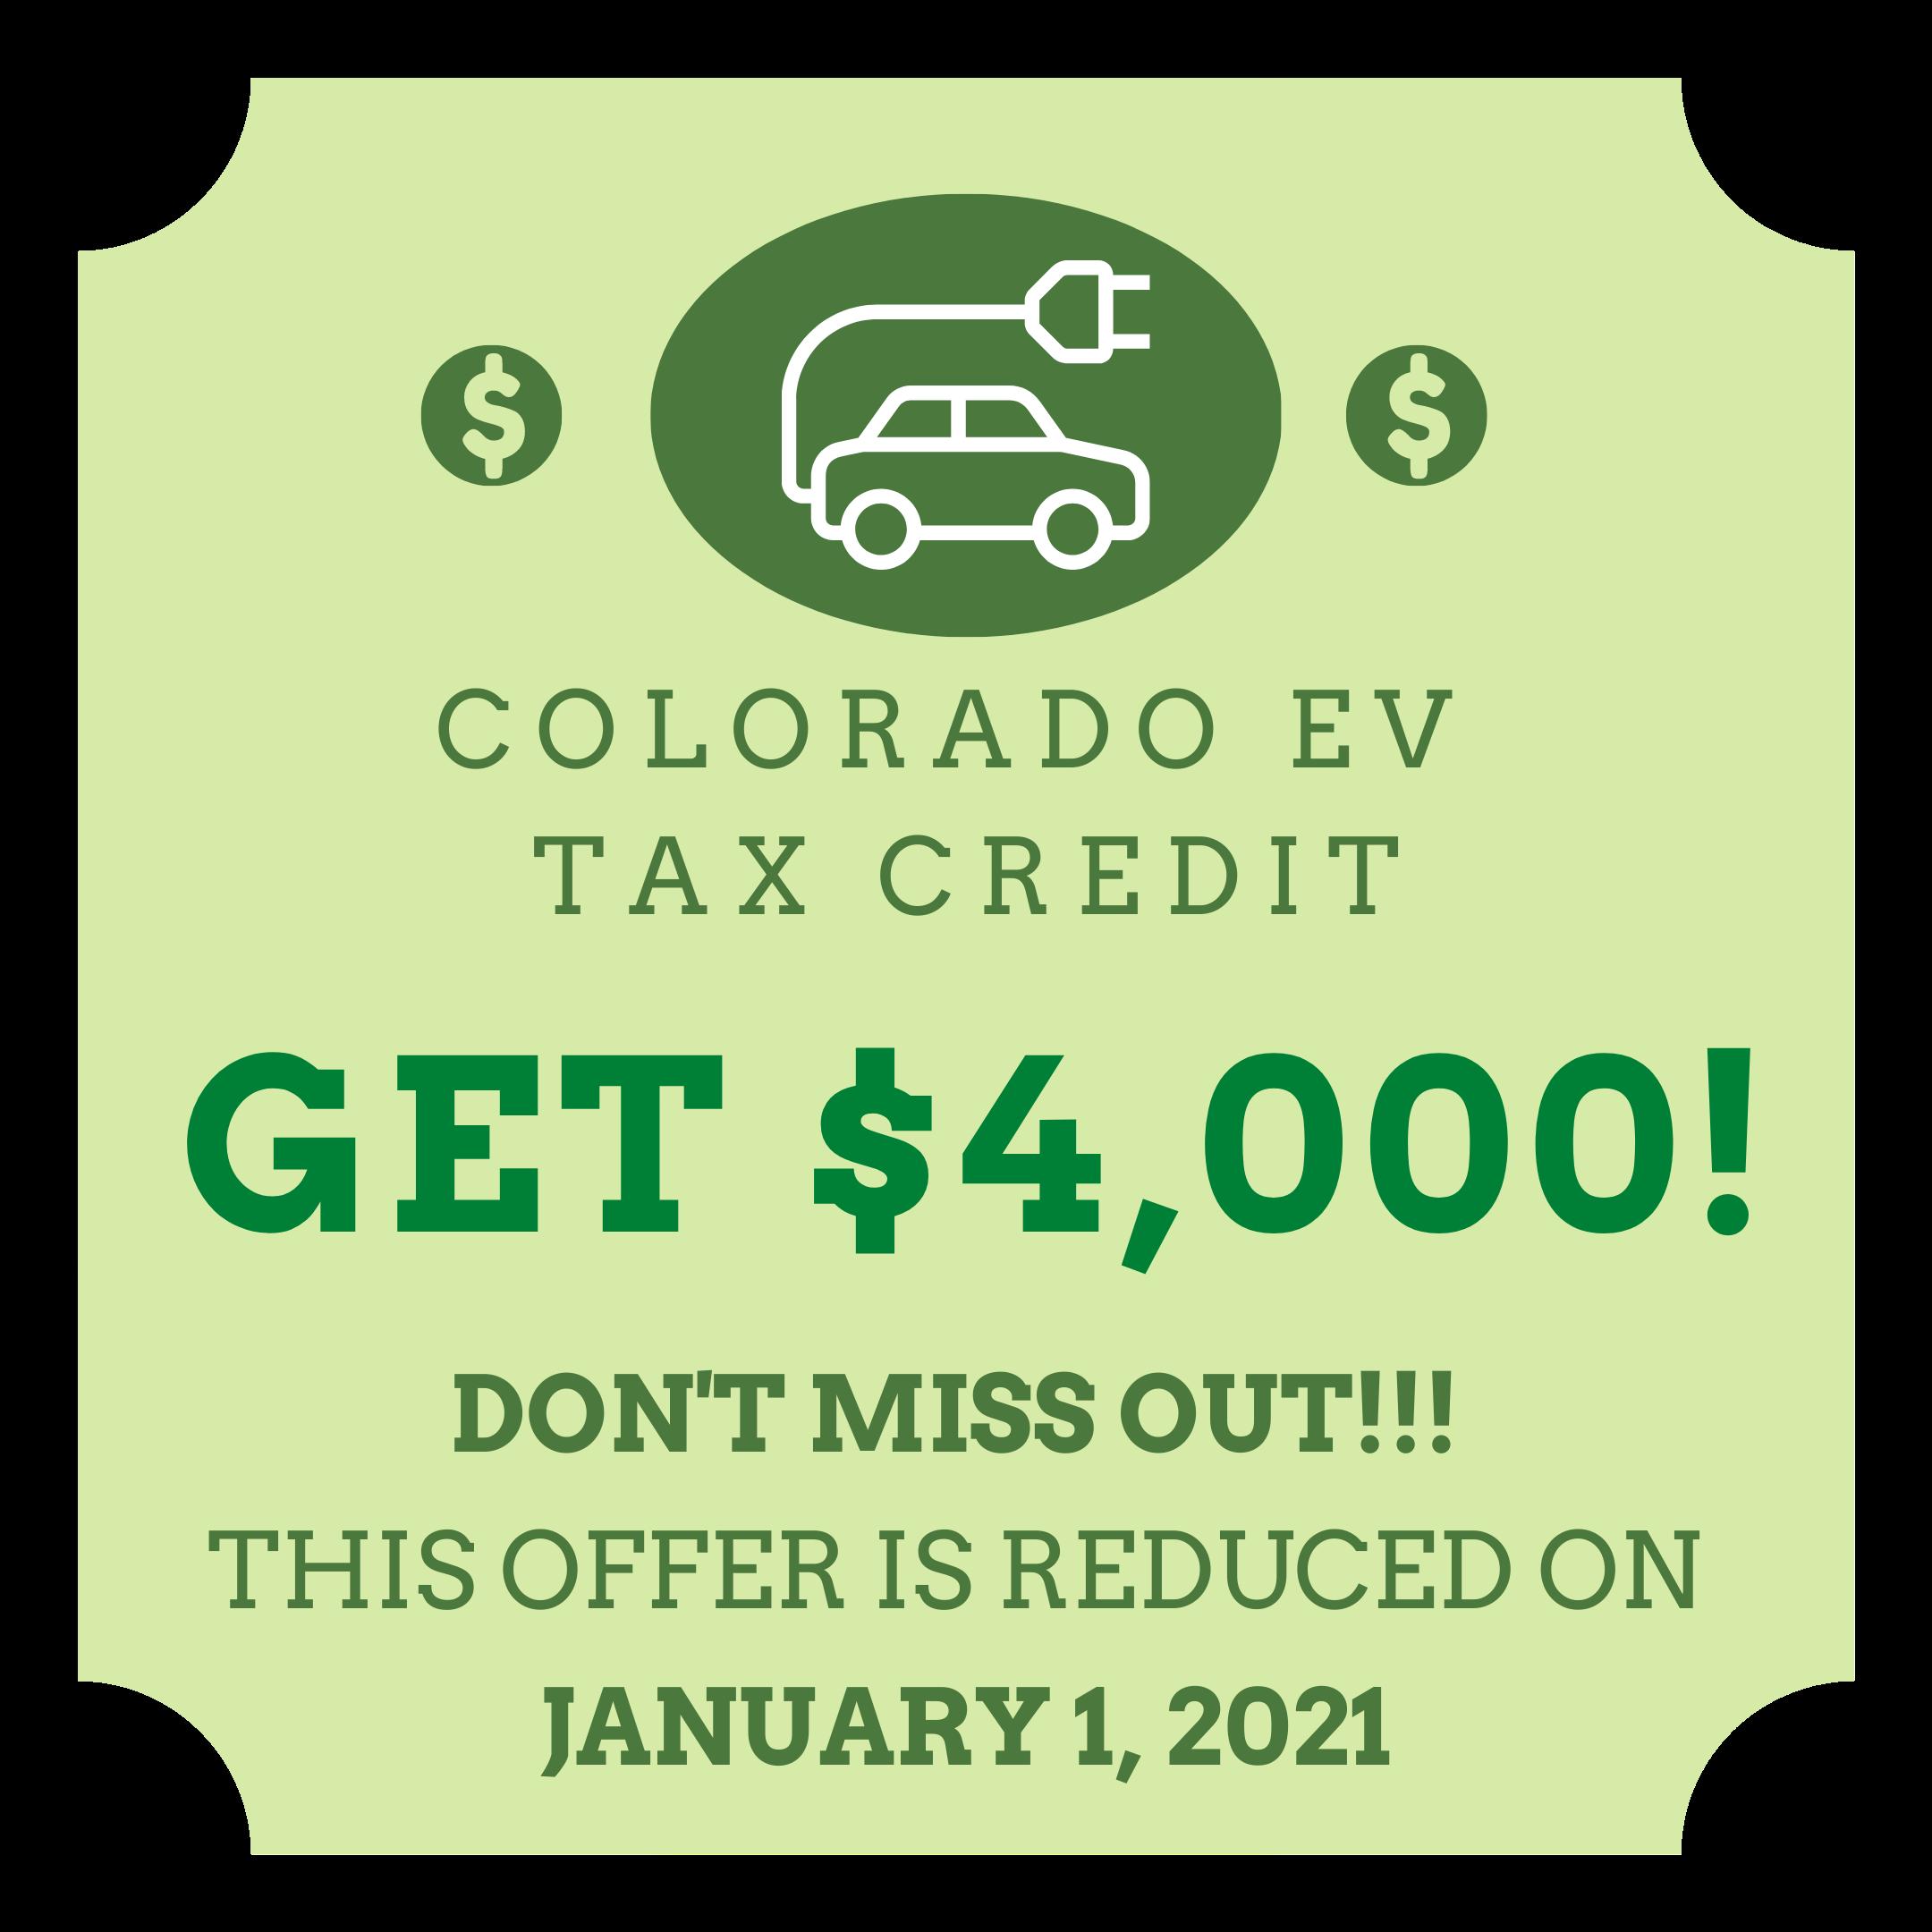 Colorado EV Tax Credit